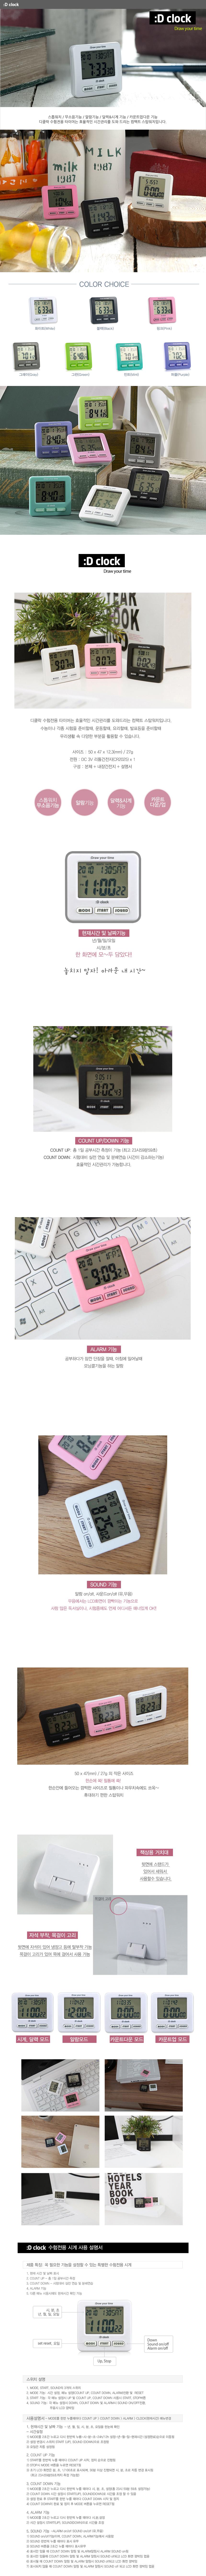 디클락(Dclock) 디지털 타이머 D-901 (수능시계) - 카스, 6,000원, 스톱워치/수능시계, 스톱워치/수능시계